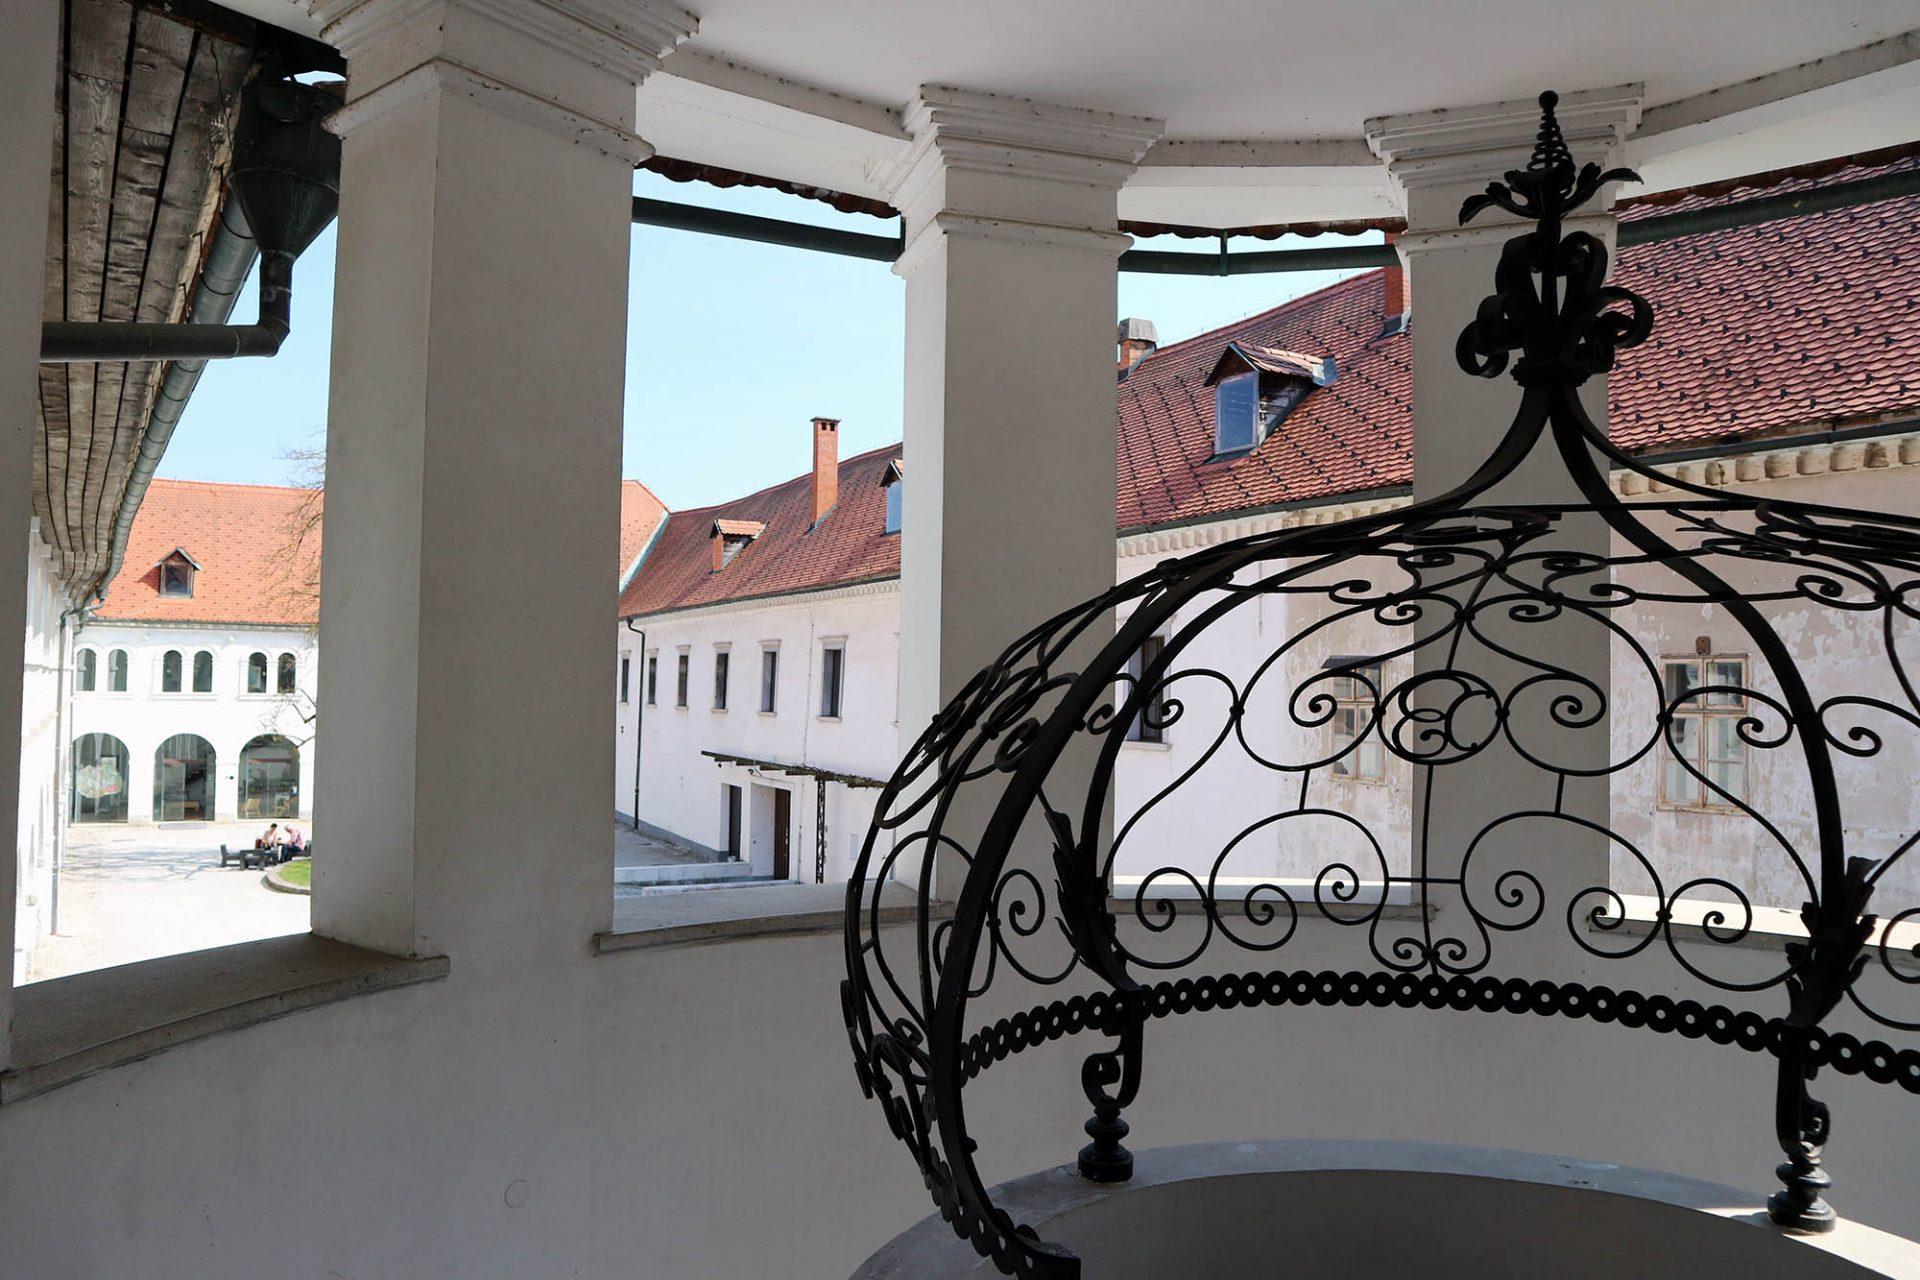 MAO. Das Museum für Architektur und Design (MAO) befindet sich im Fužine Palast etwas außerhalb des historischen Zentrums.